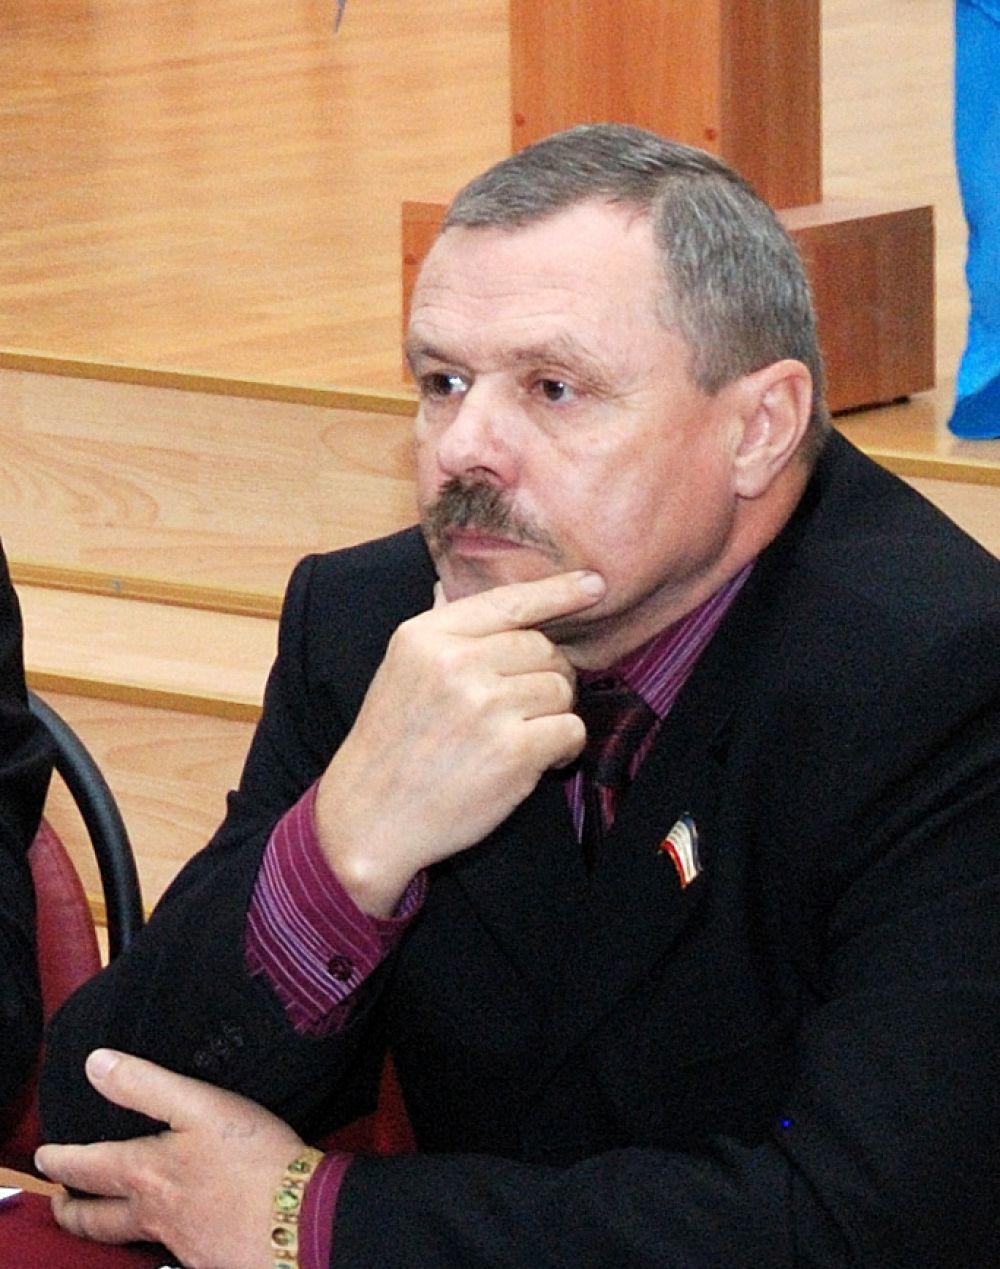 Прокуратура Украины предъявила бывшему феодосийскому чиновнику Ганышу обвинение в новой редакции